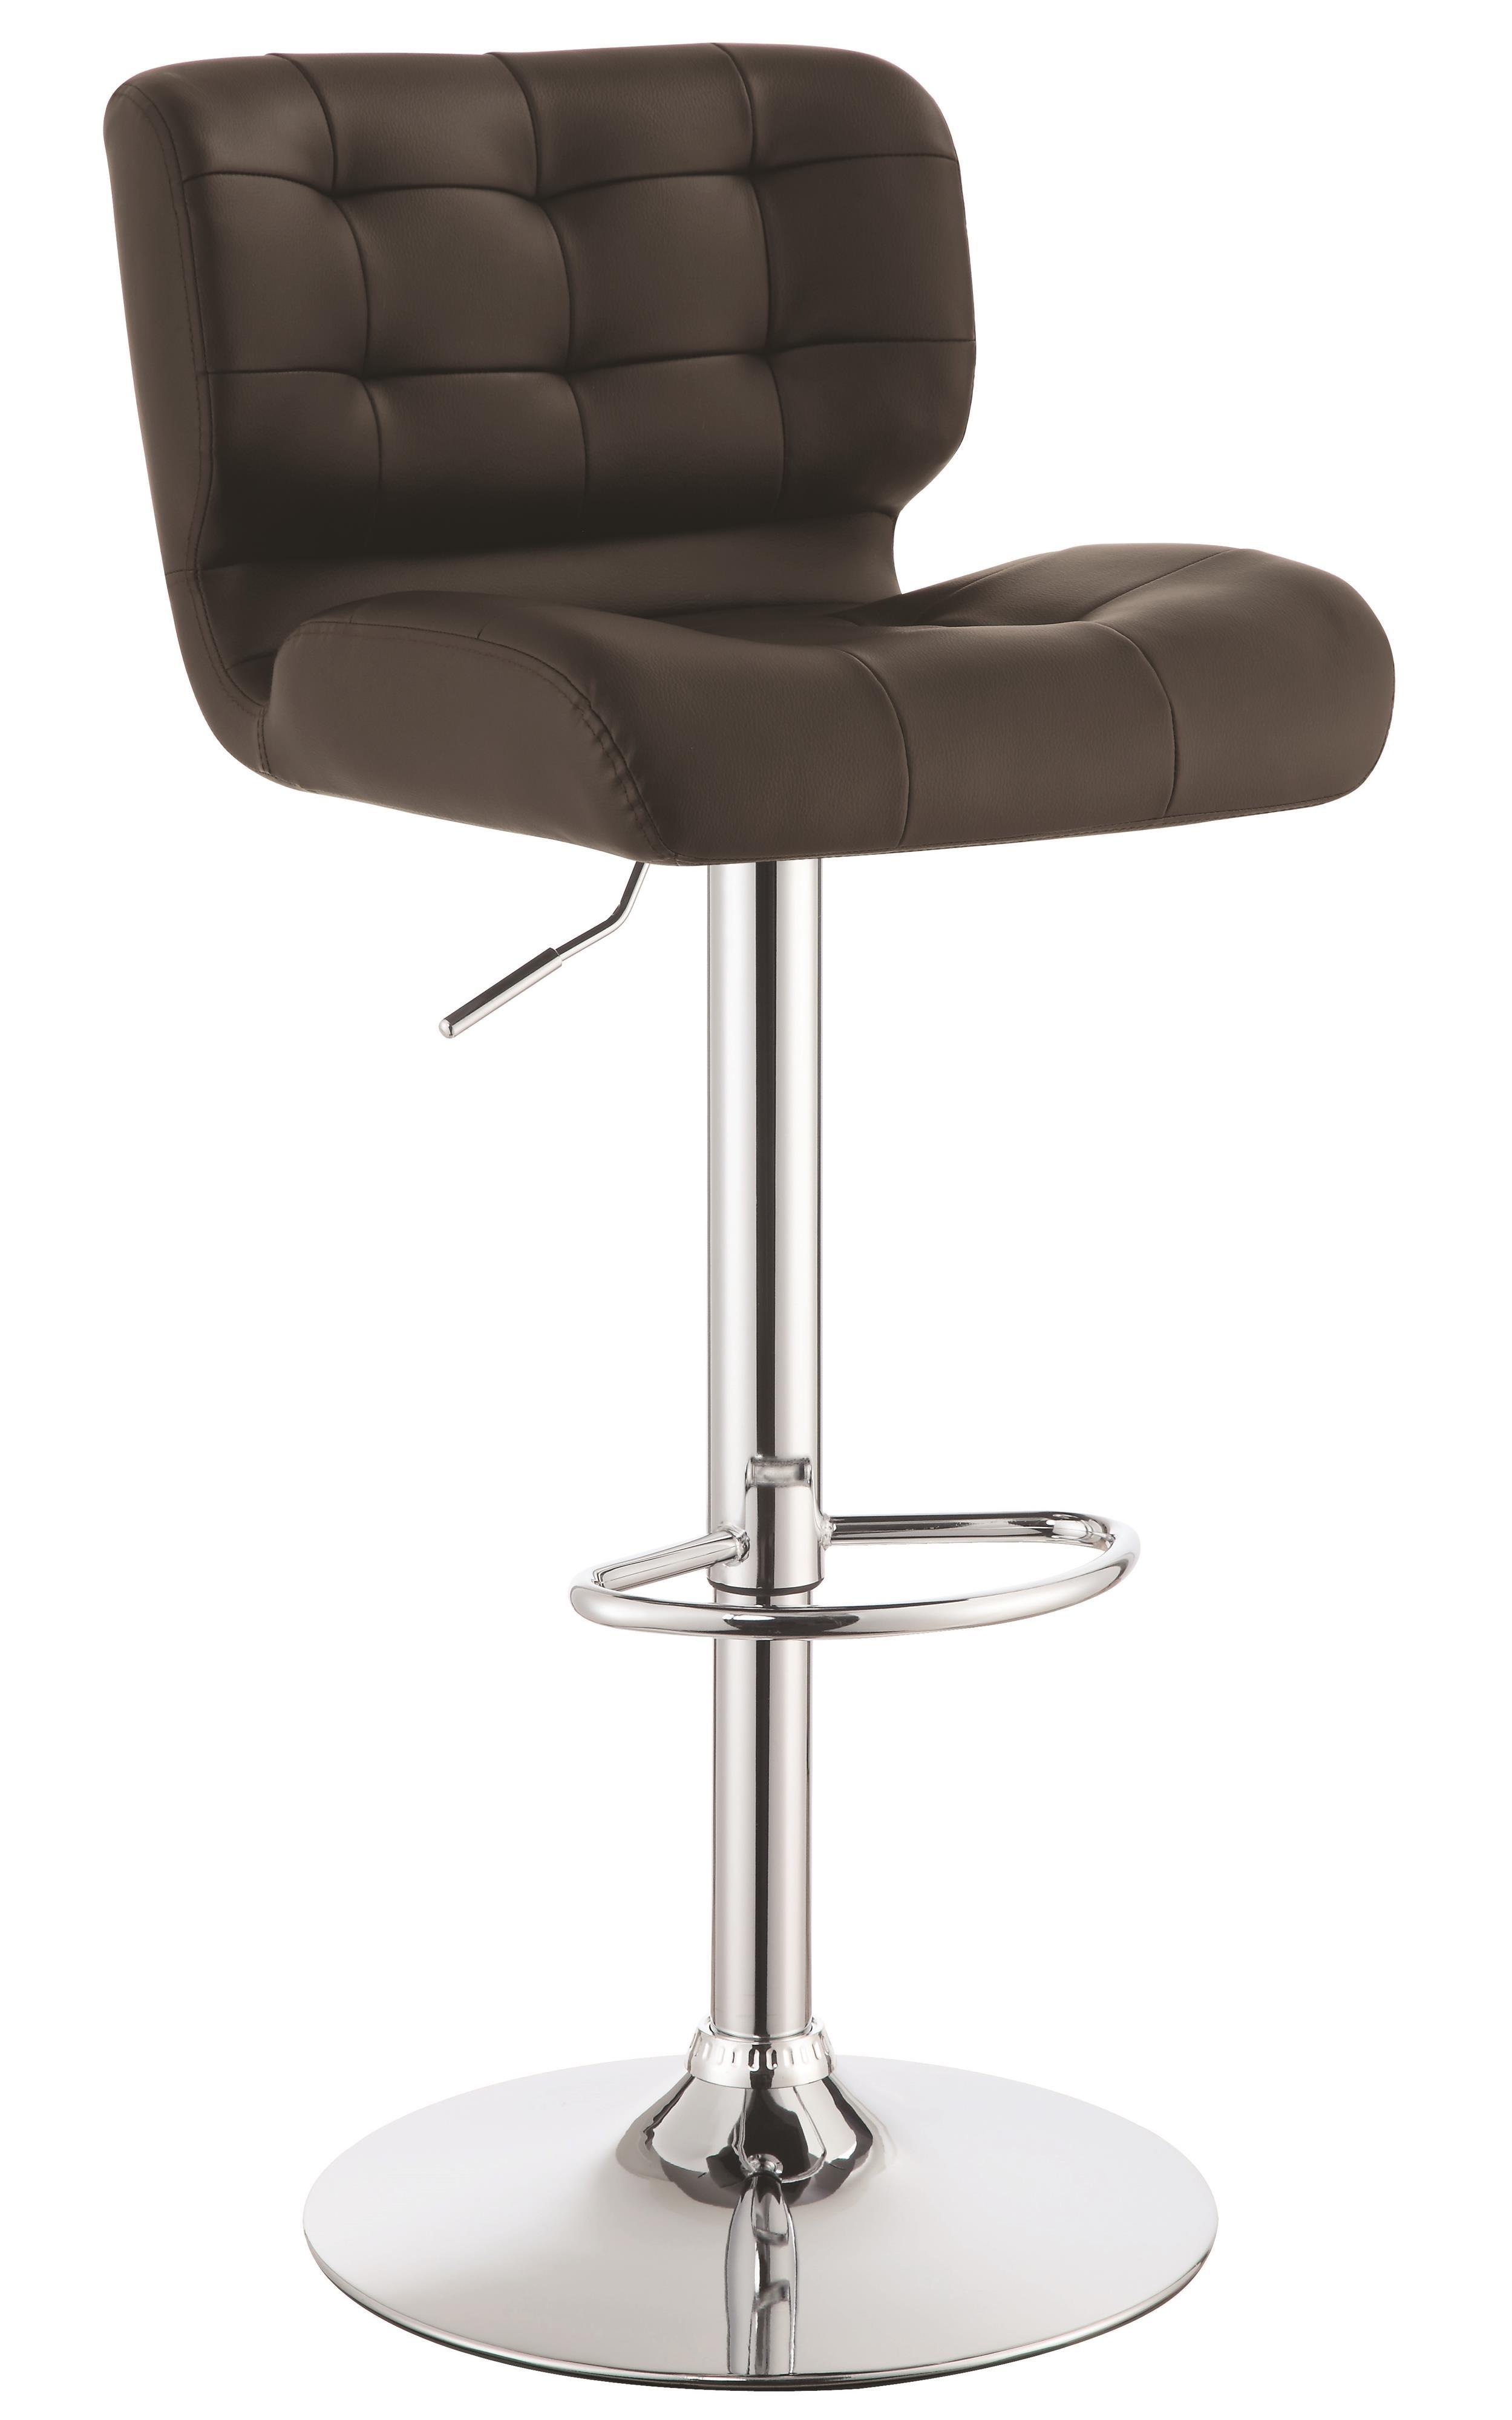 brown adjustable bar stool set of 2 from coaster 100544 coleman furniture. Black Bedroom Furniture Sets. Home Design Ideas